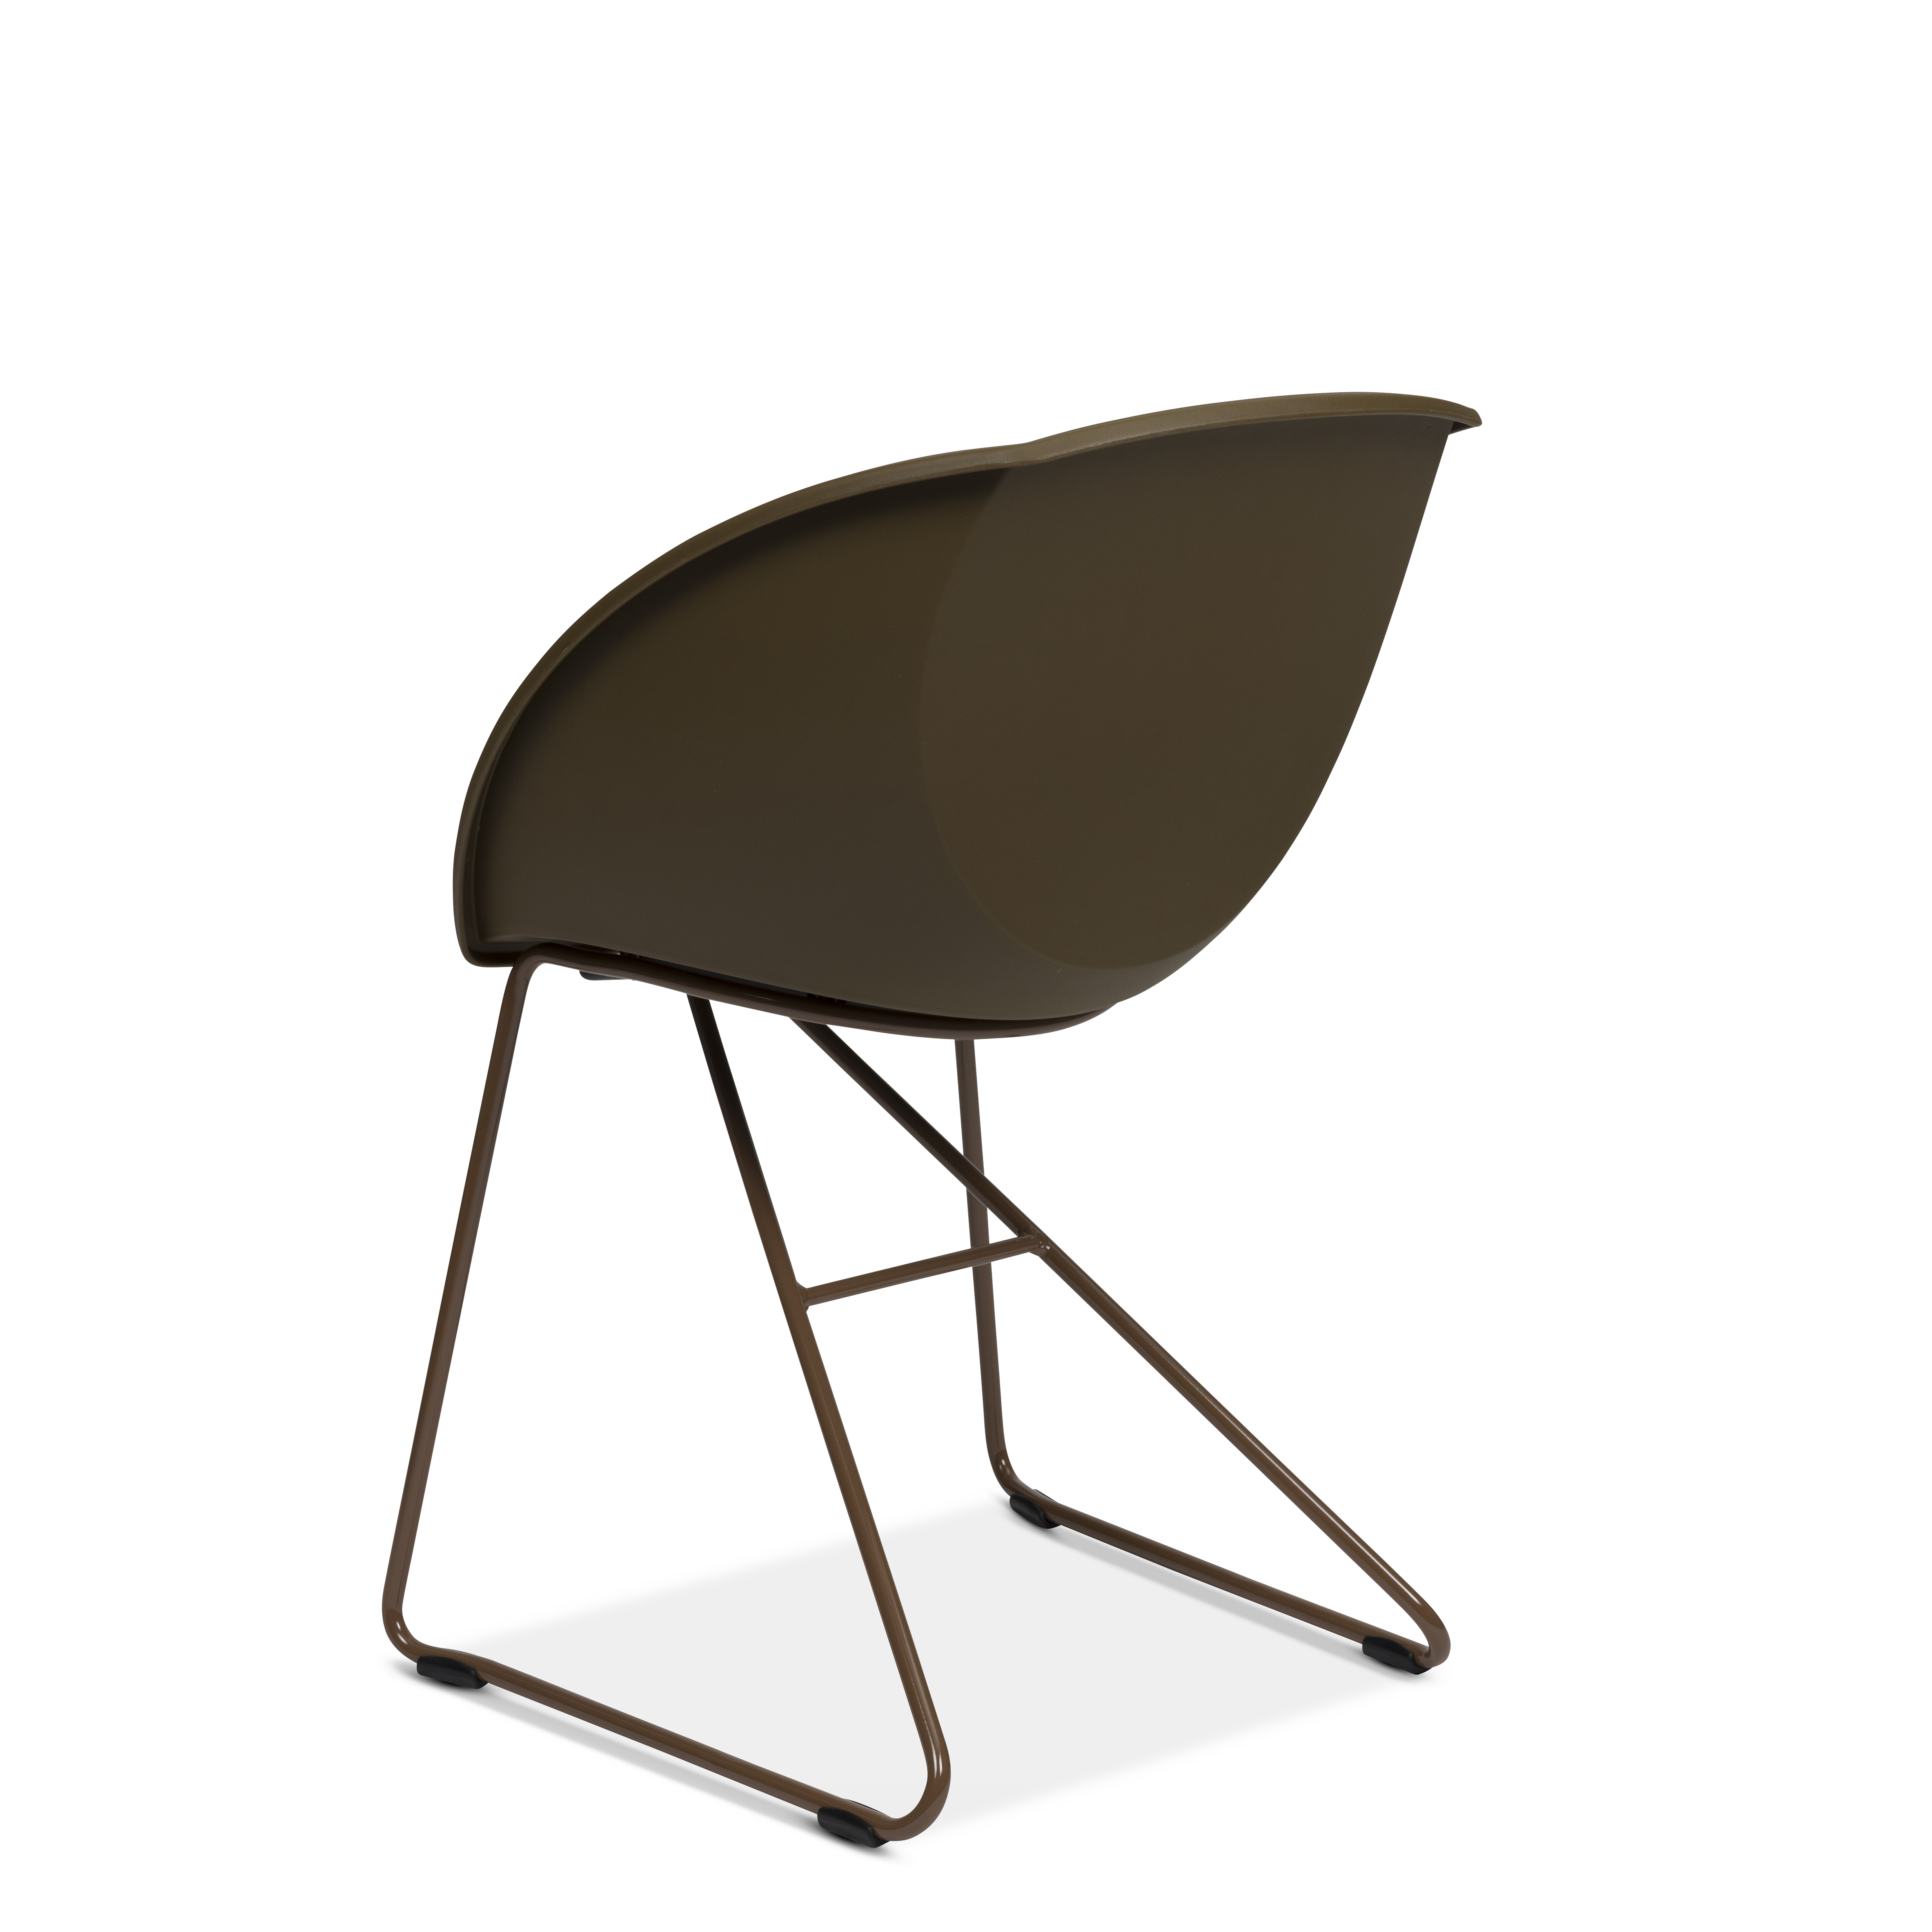 Popcorn stol i brun gjenvunnet plast fra Fora Form